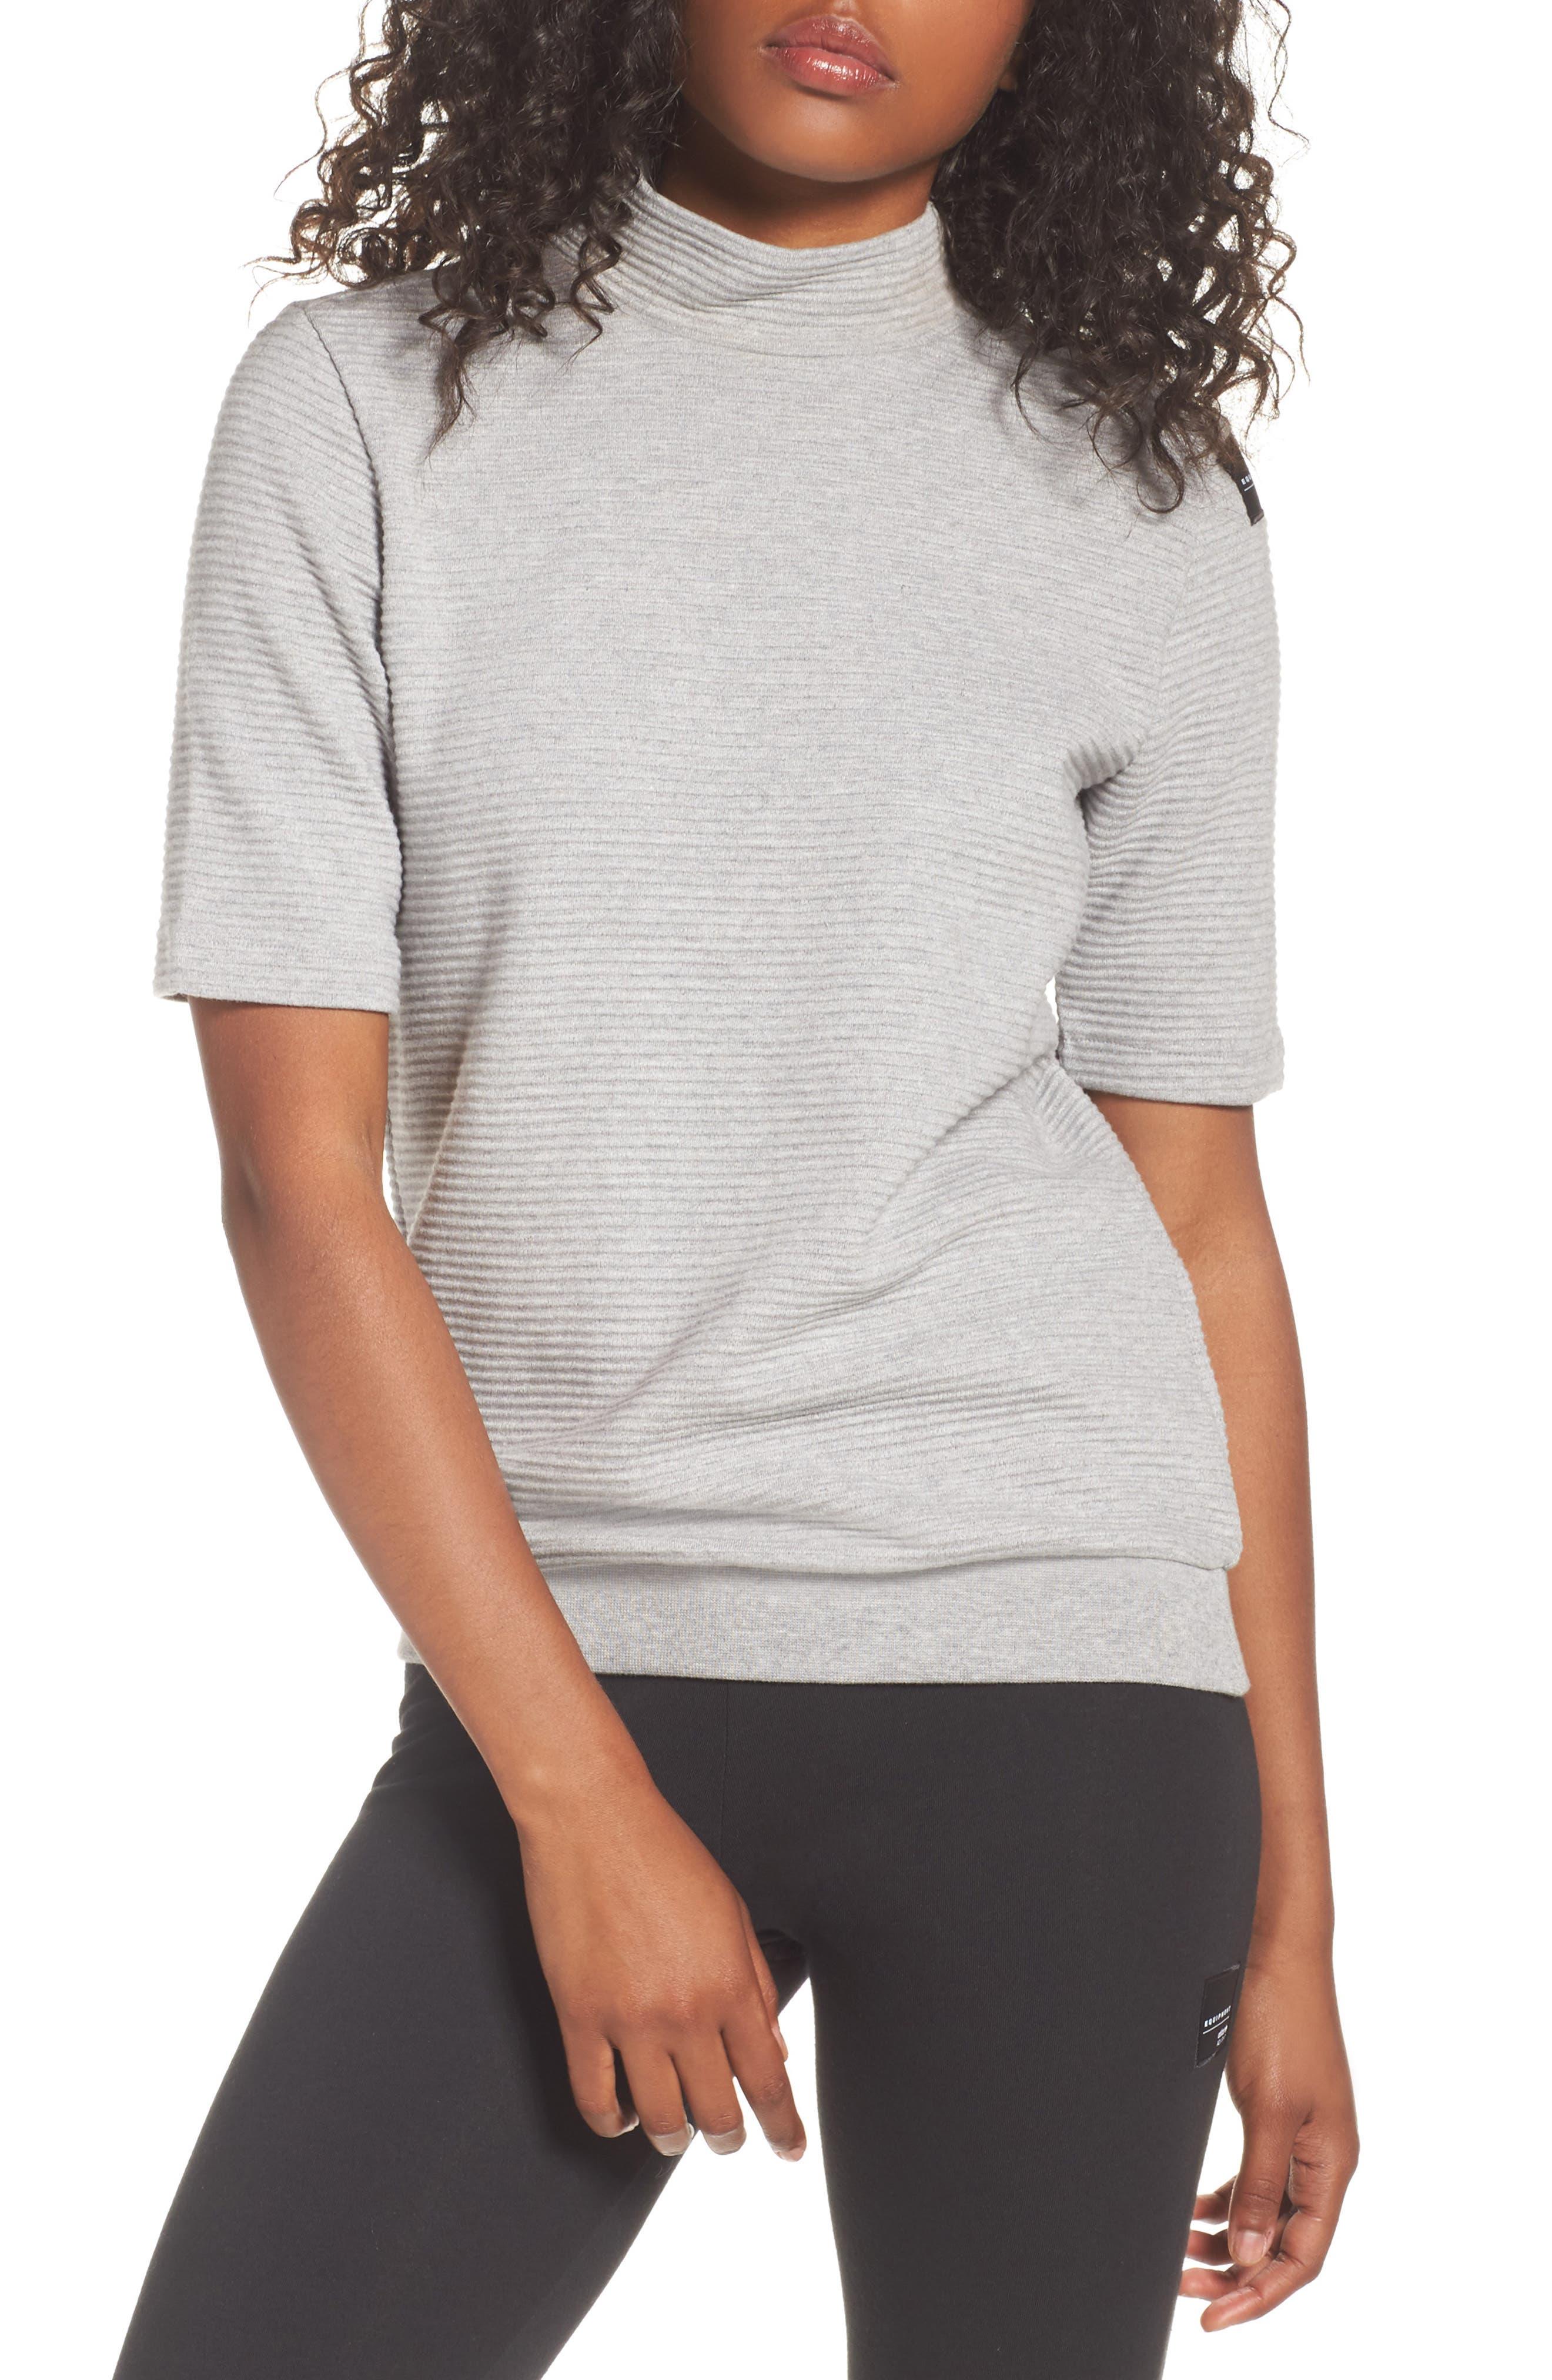 Originals EQT Sweatshirt,                         Main,                         color, Medium Grey Heather